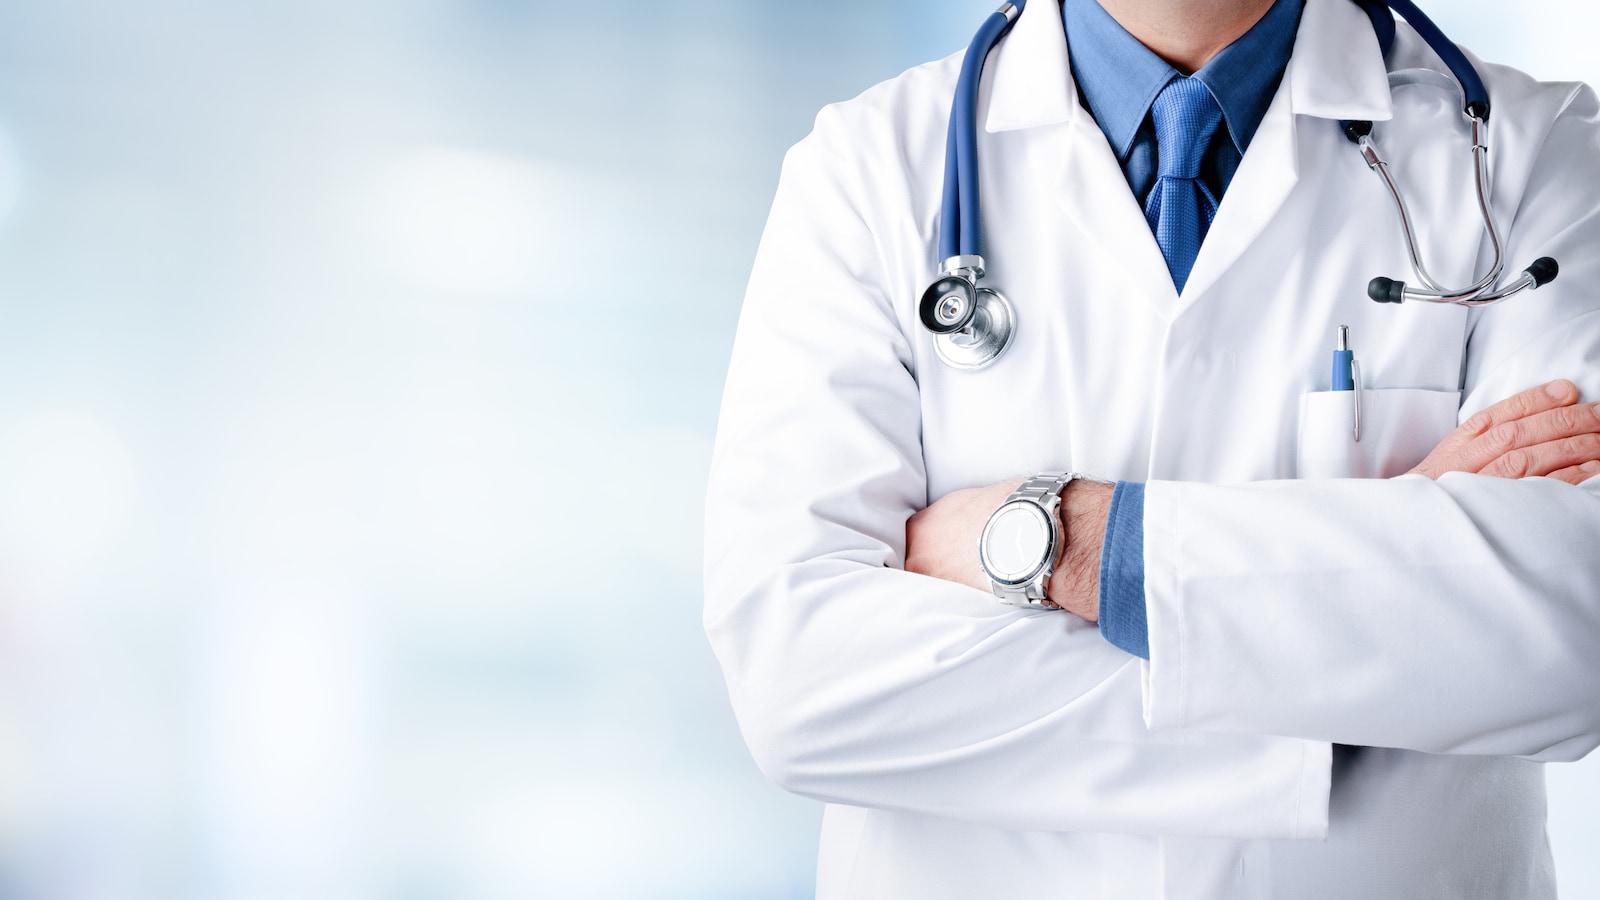 Tunisie : Affectation de 630 médecins dans des régions prioritaires